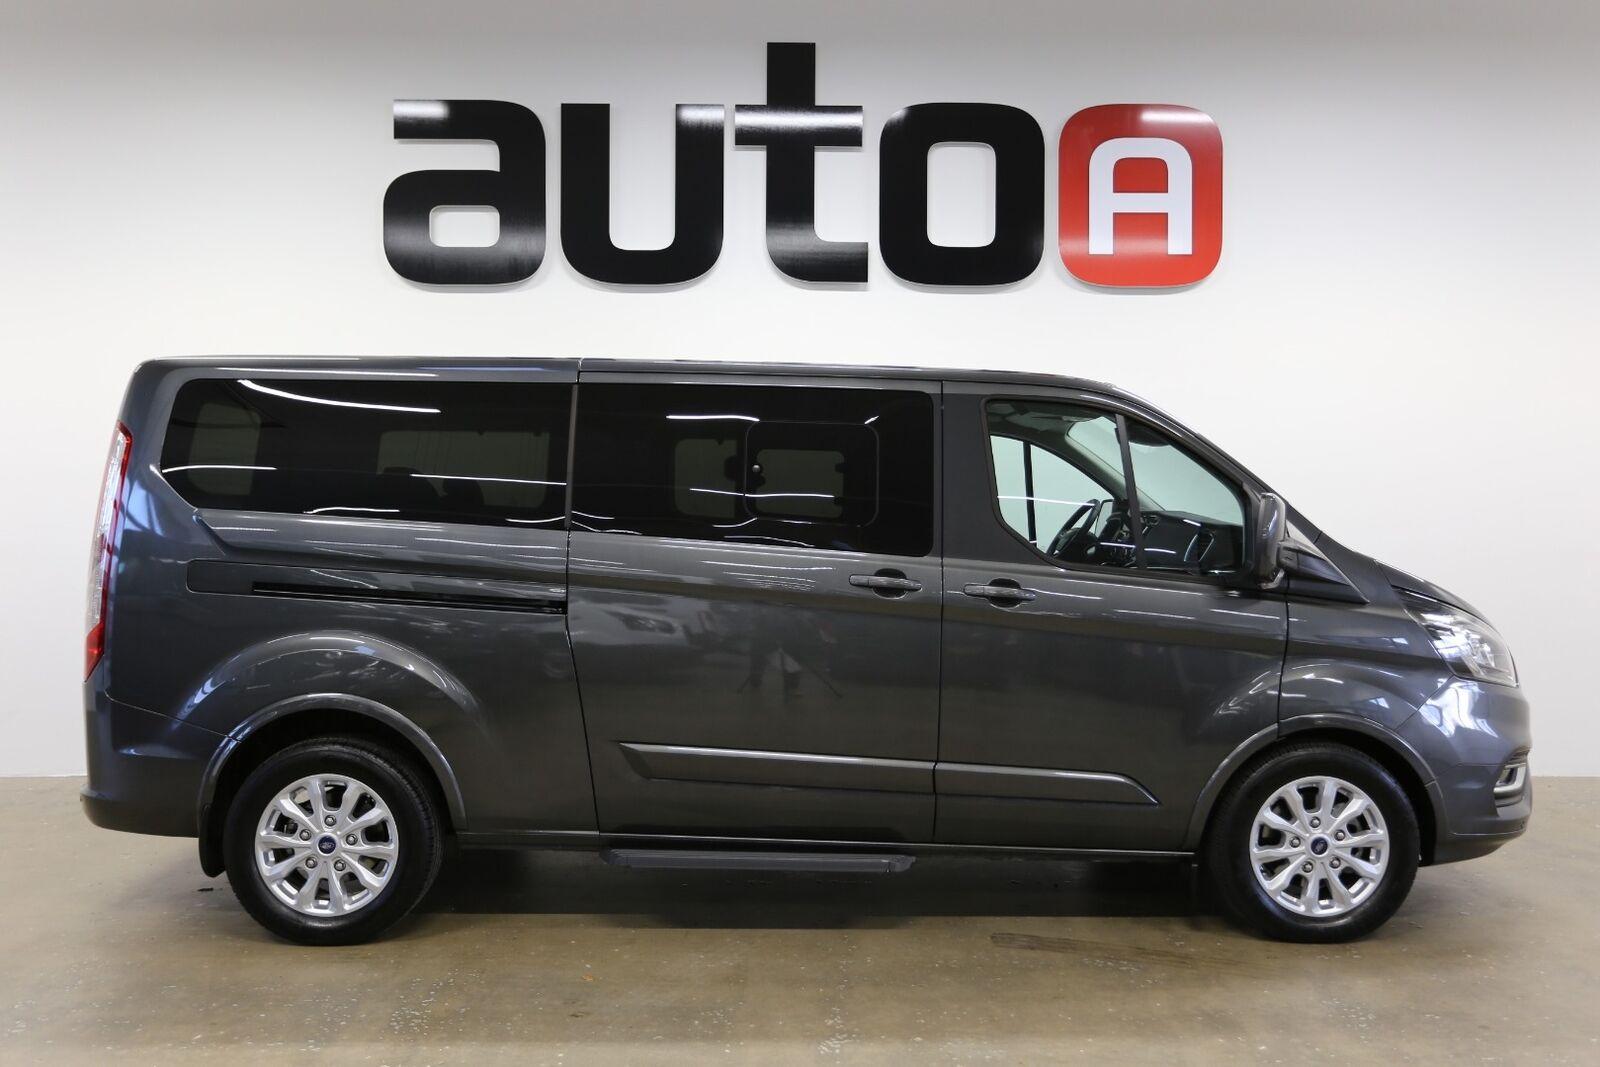 Ford Tourneo Custom 320L 2,0 TDCi 130 Titanium aut. - 559.900 kr.